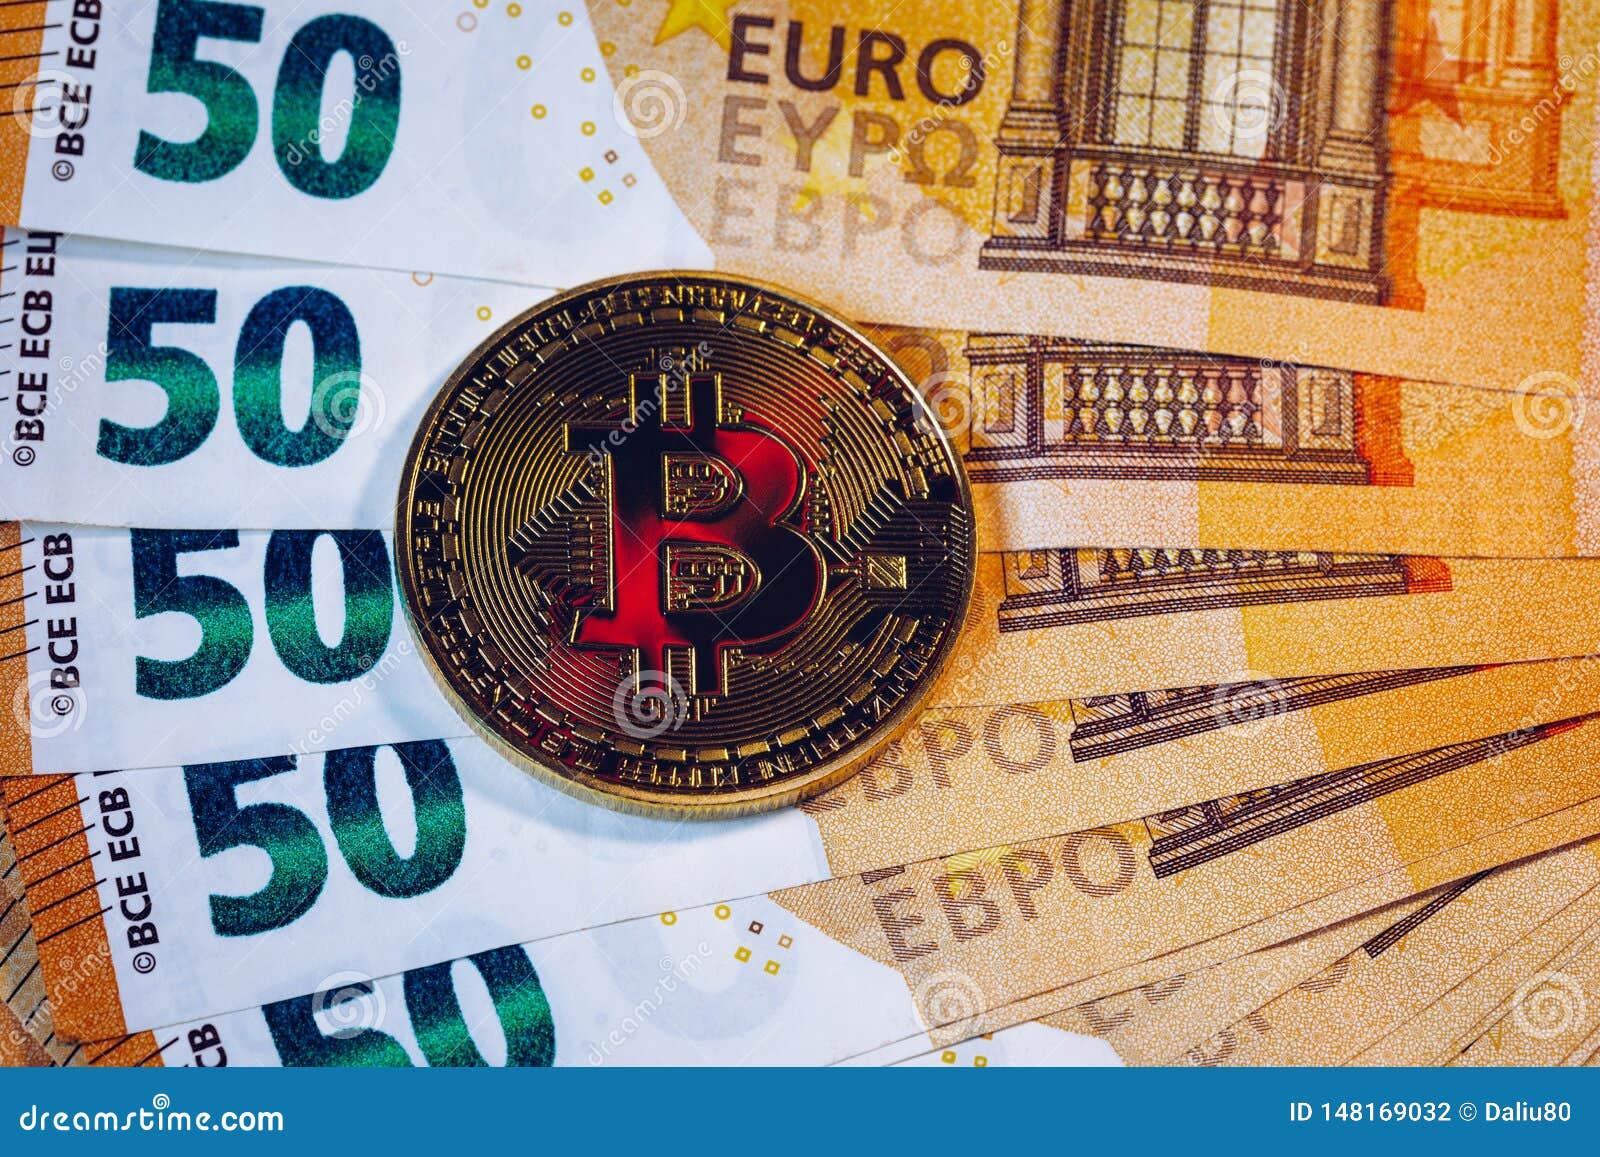 bce bitcoin)